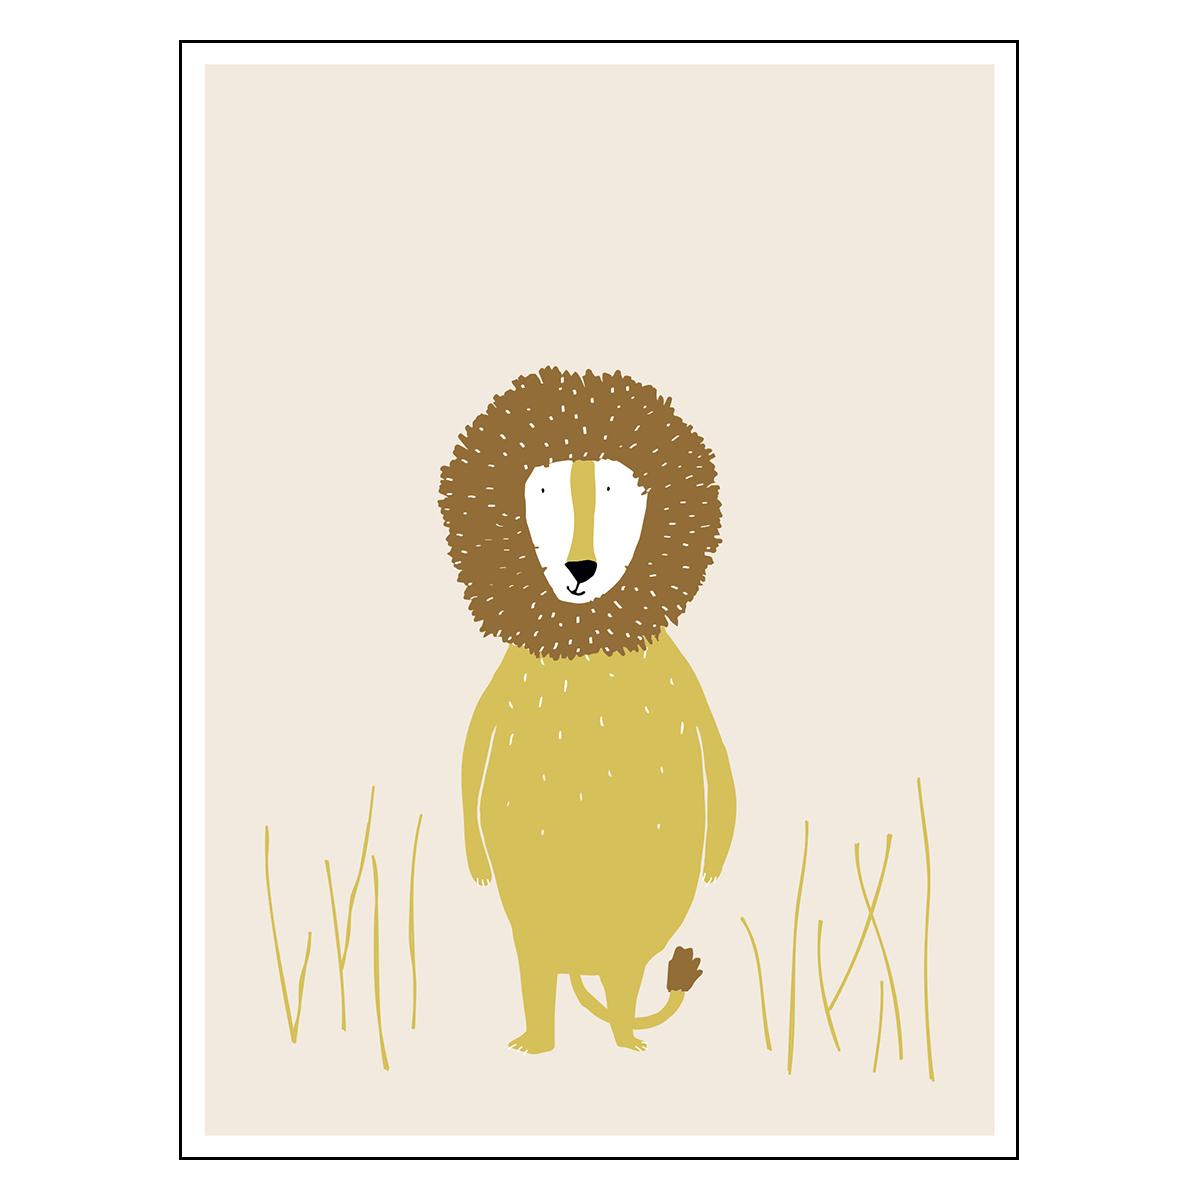 Affiche & poster Poster - Mr Lion Poster - Mr Lion